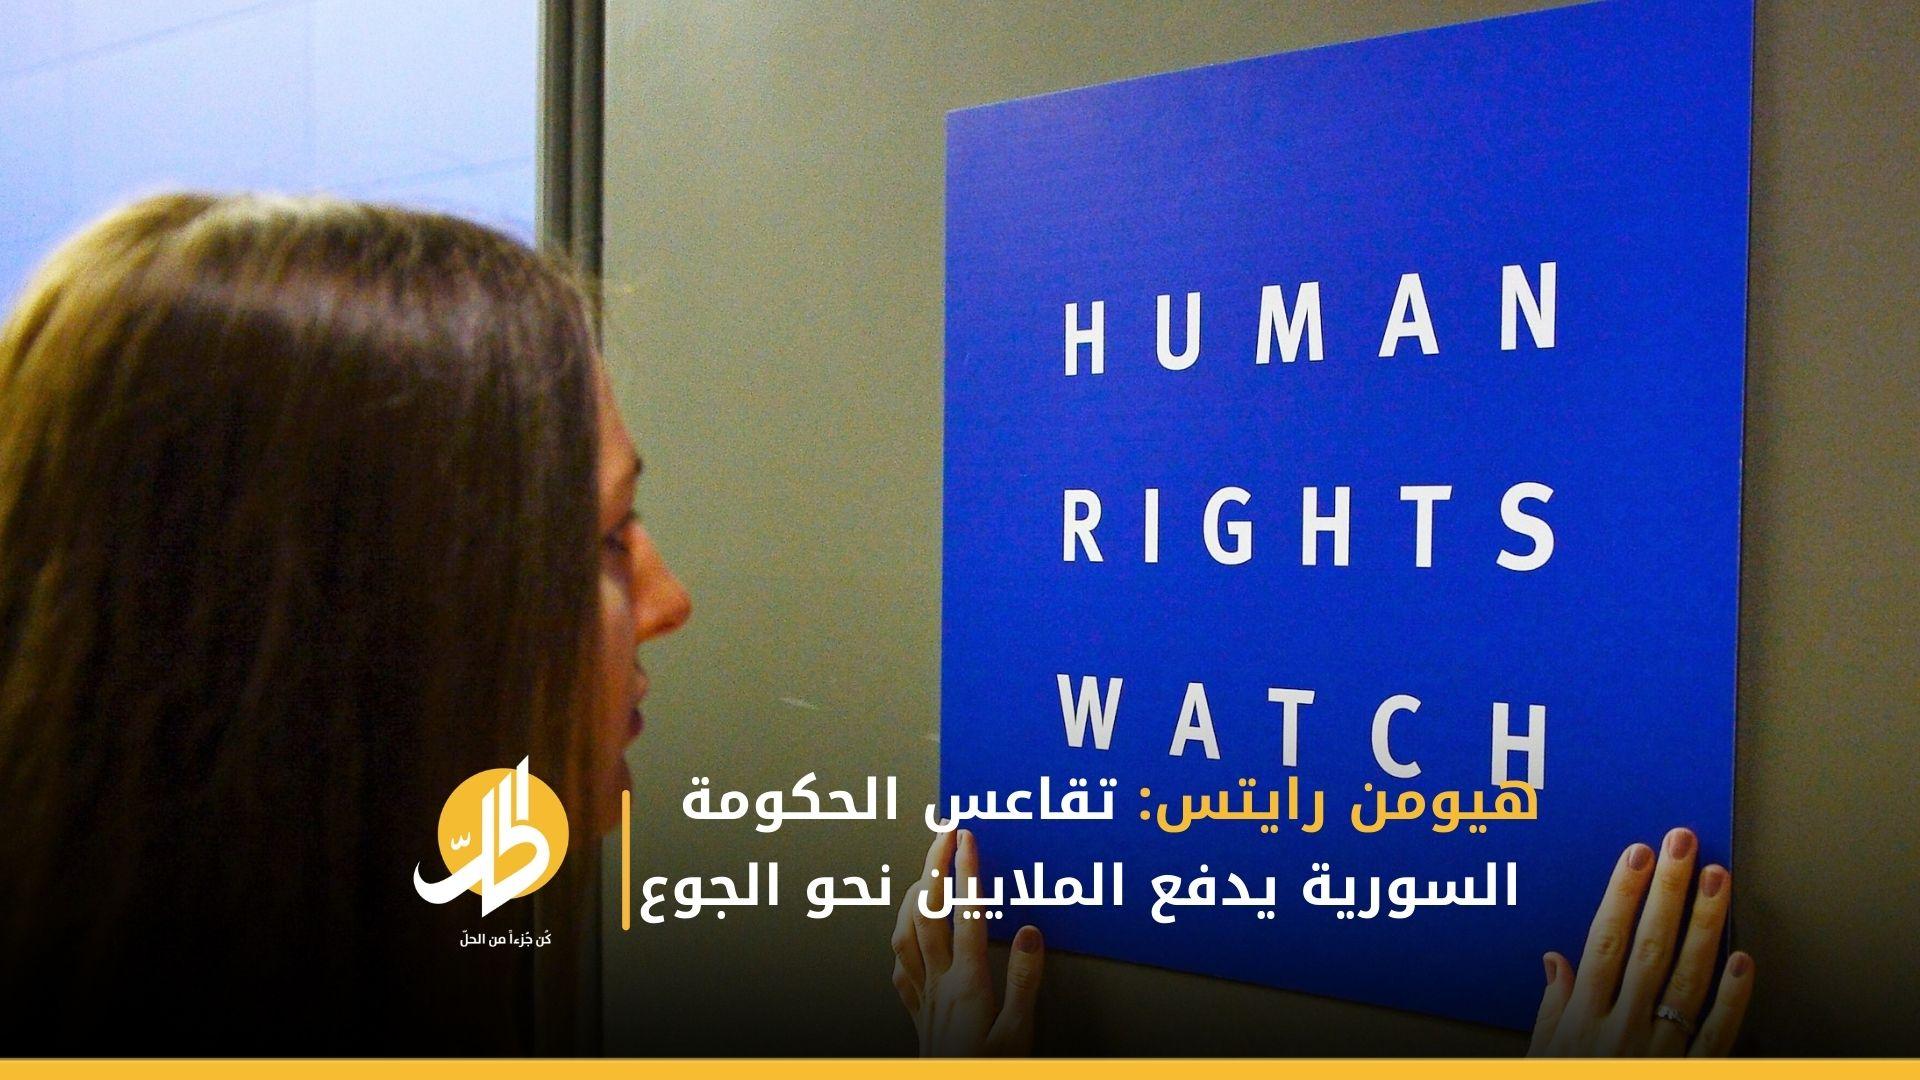 هيومن رايتس: تقاعس الحكومة السورية يدفع الملايين نحو الجوع